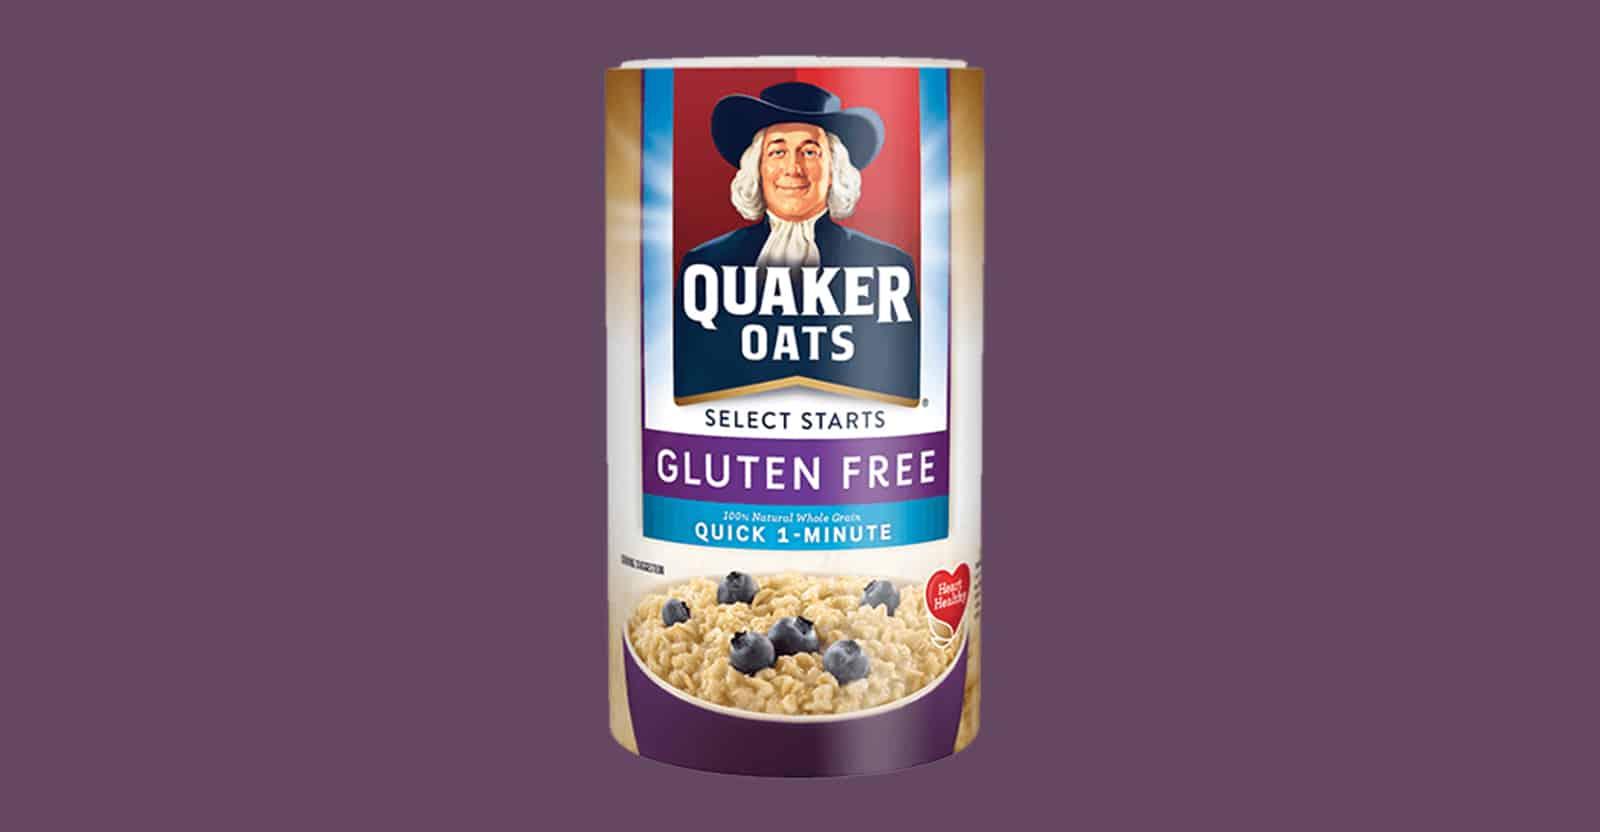 are quaker oats gluten-free